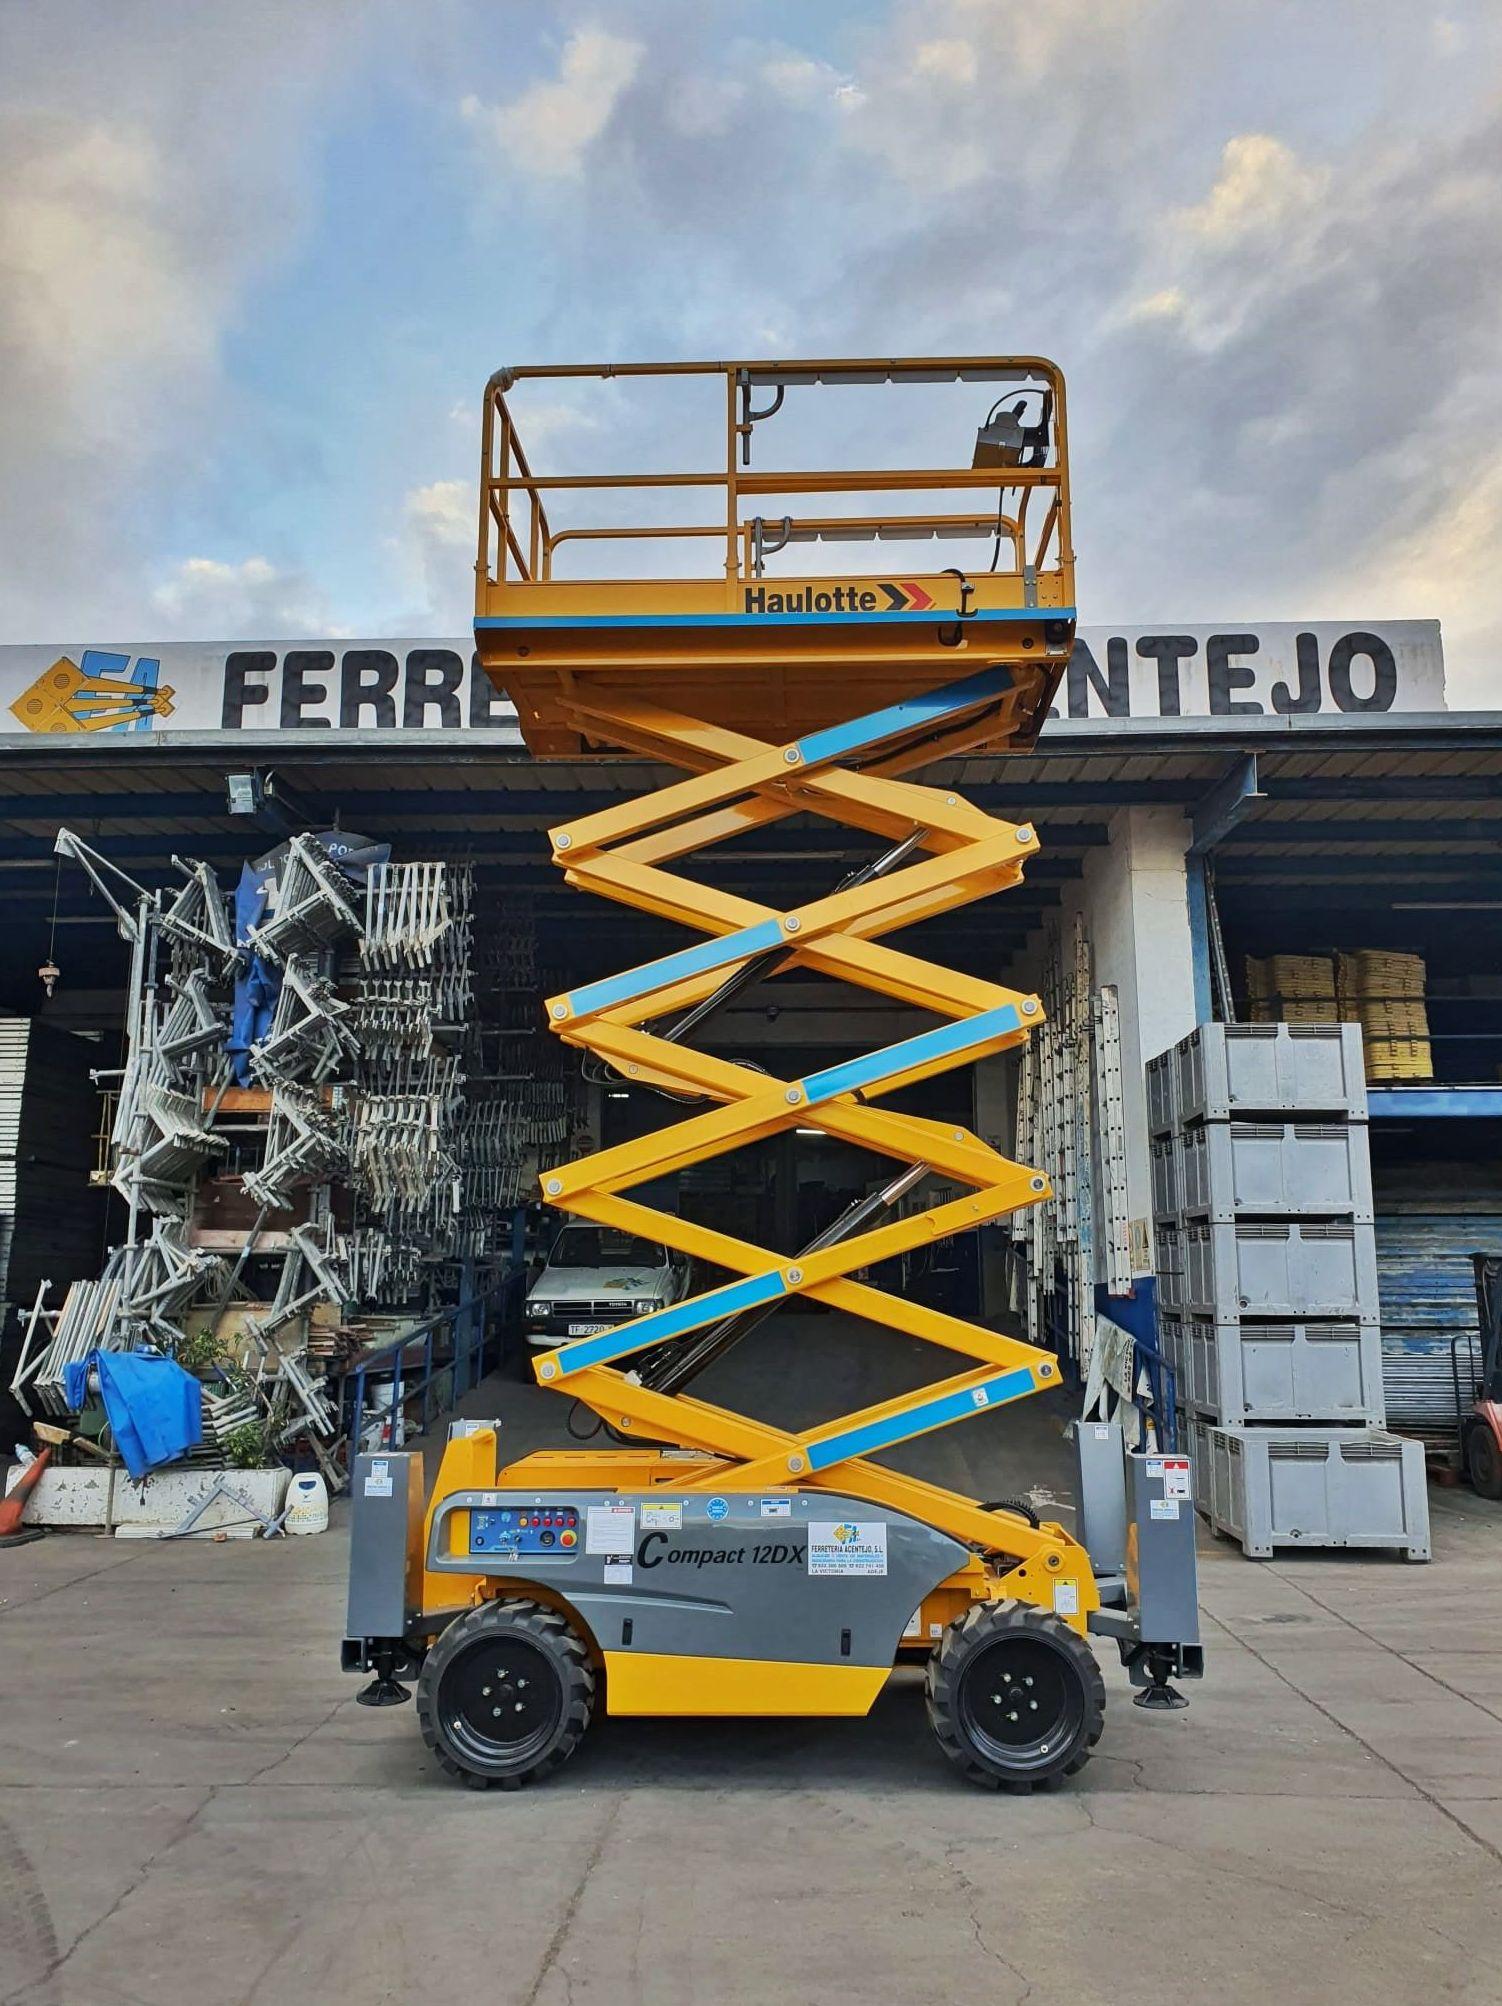 Foto 7 de Máquinas herramienta en La Victoria de Acentejo | Ferretería Acentejo, S.L.